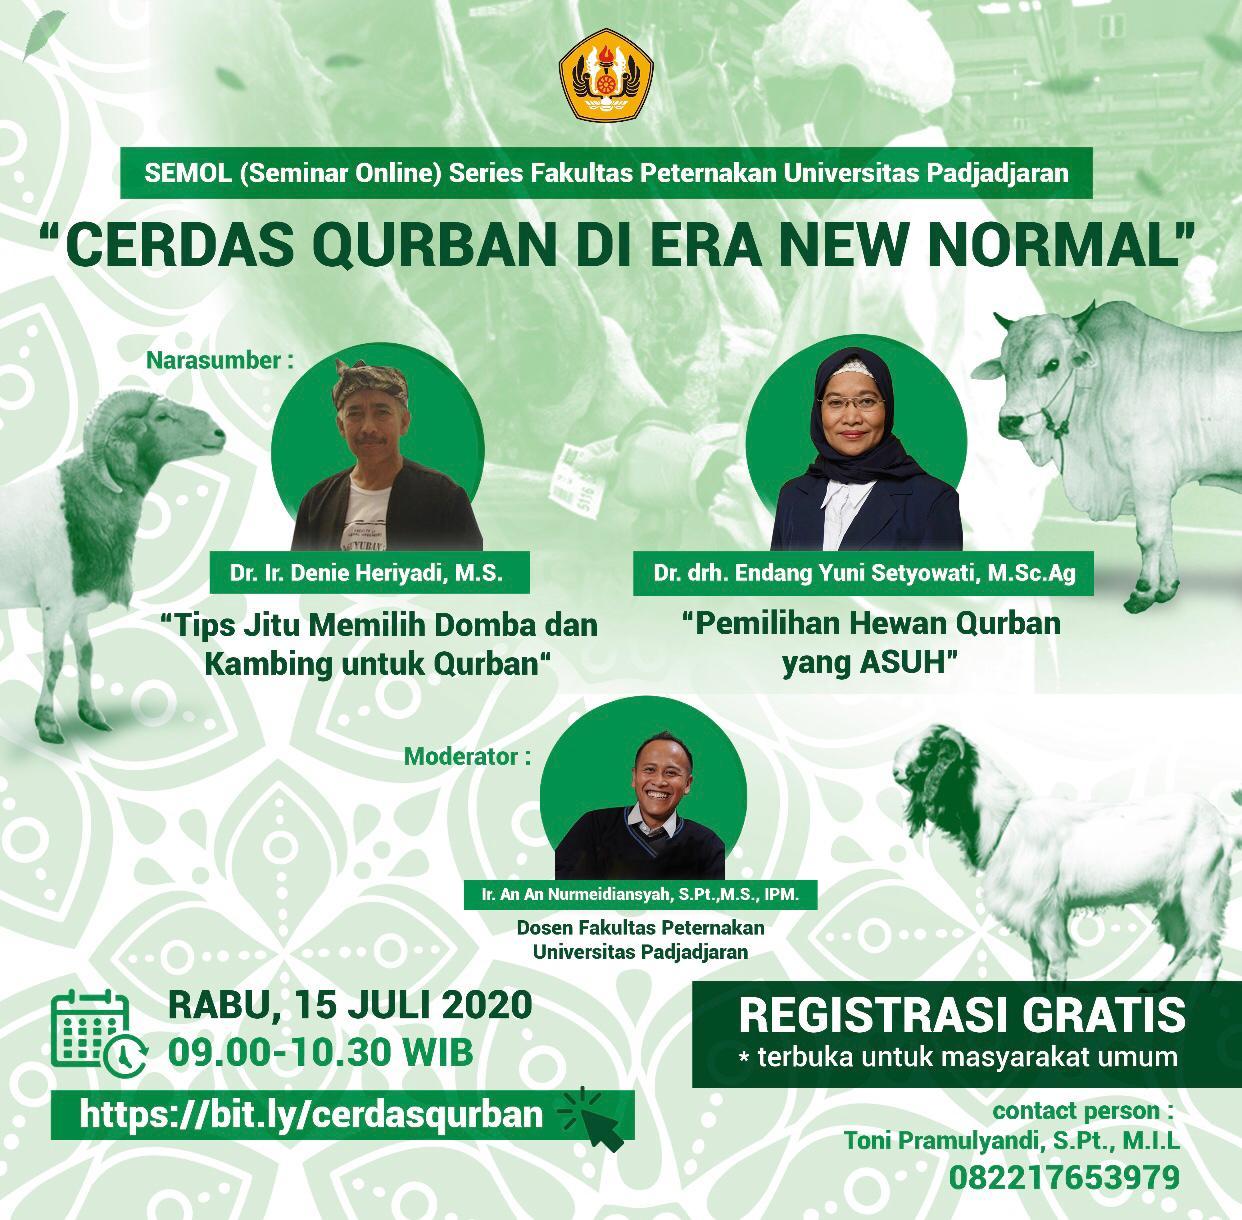 SEMOL (Seminar Online) Fakultas Peternakan Universitas Padjadjaran